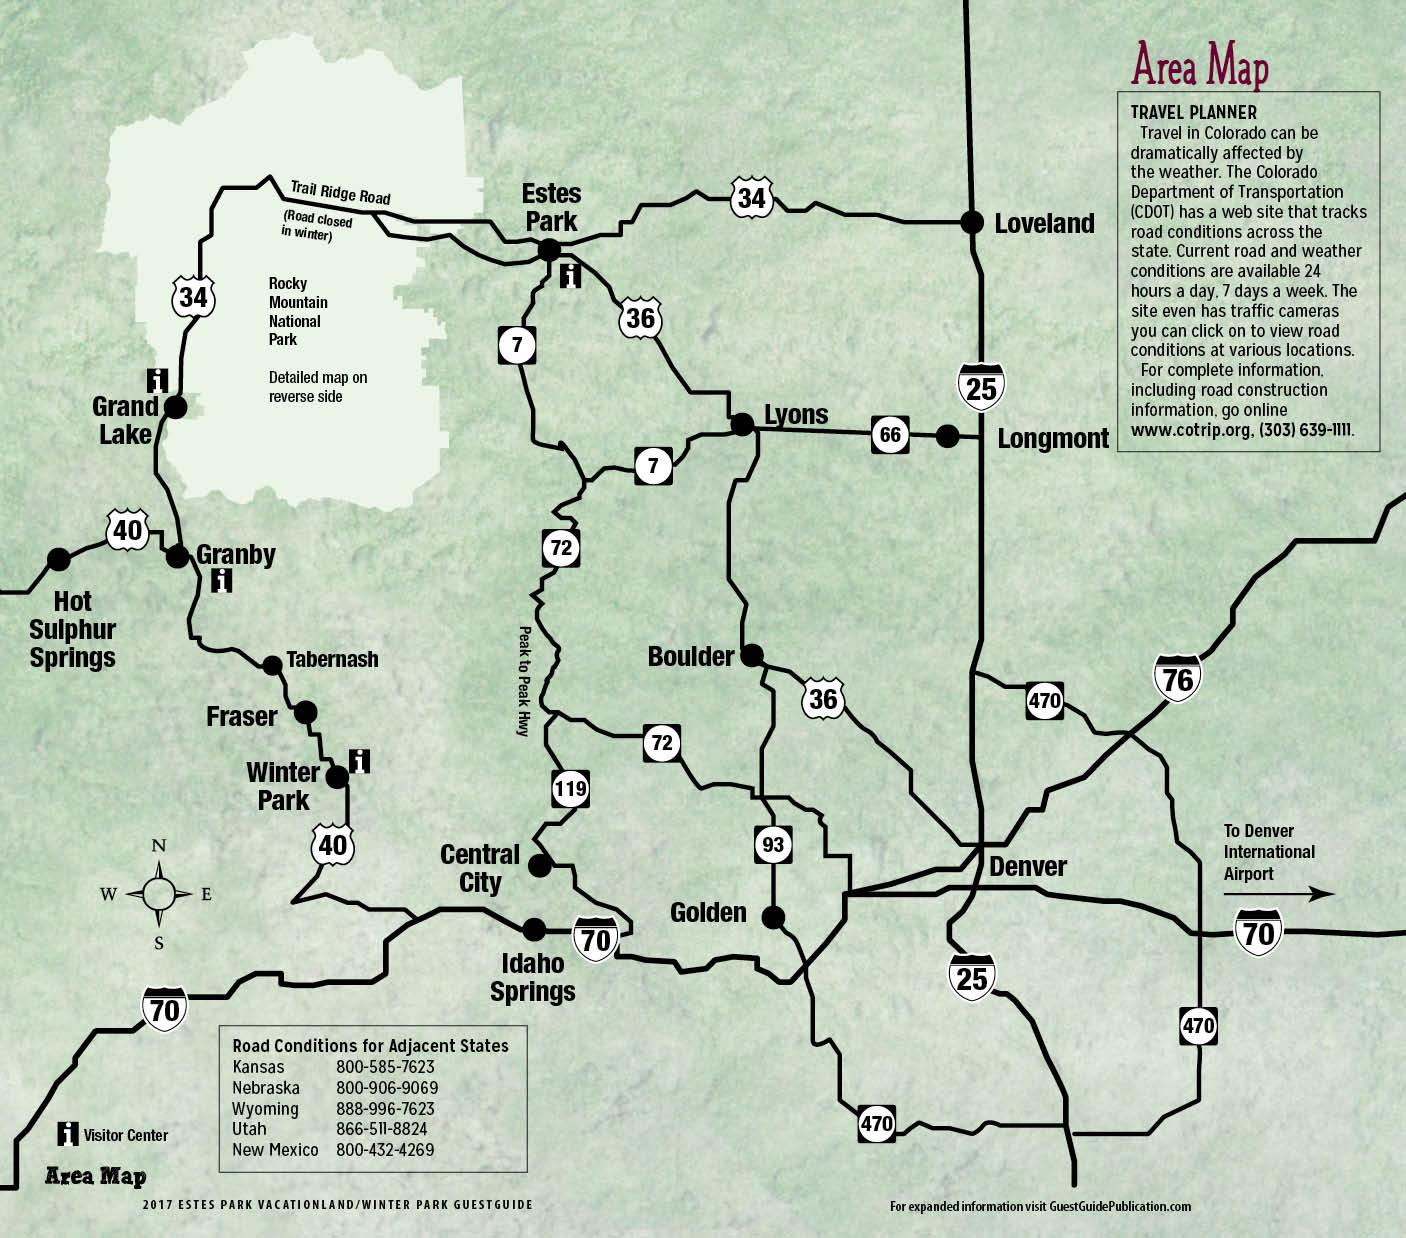 Estes Park Maps Free GuestGuide Publications - Map your route